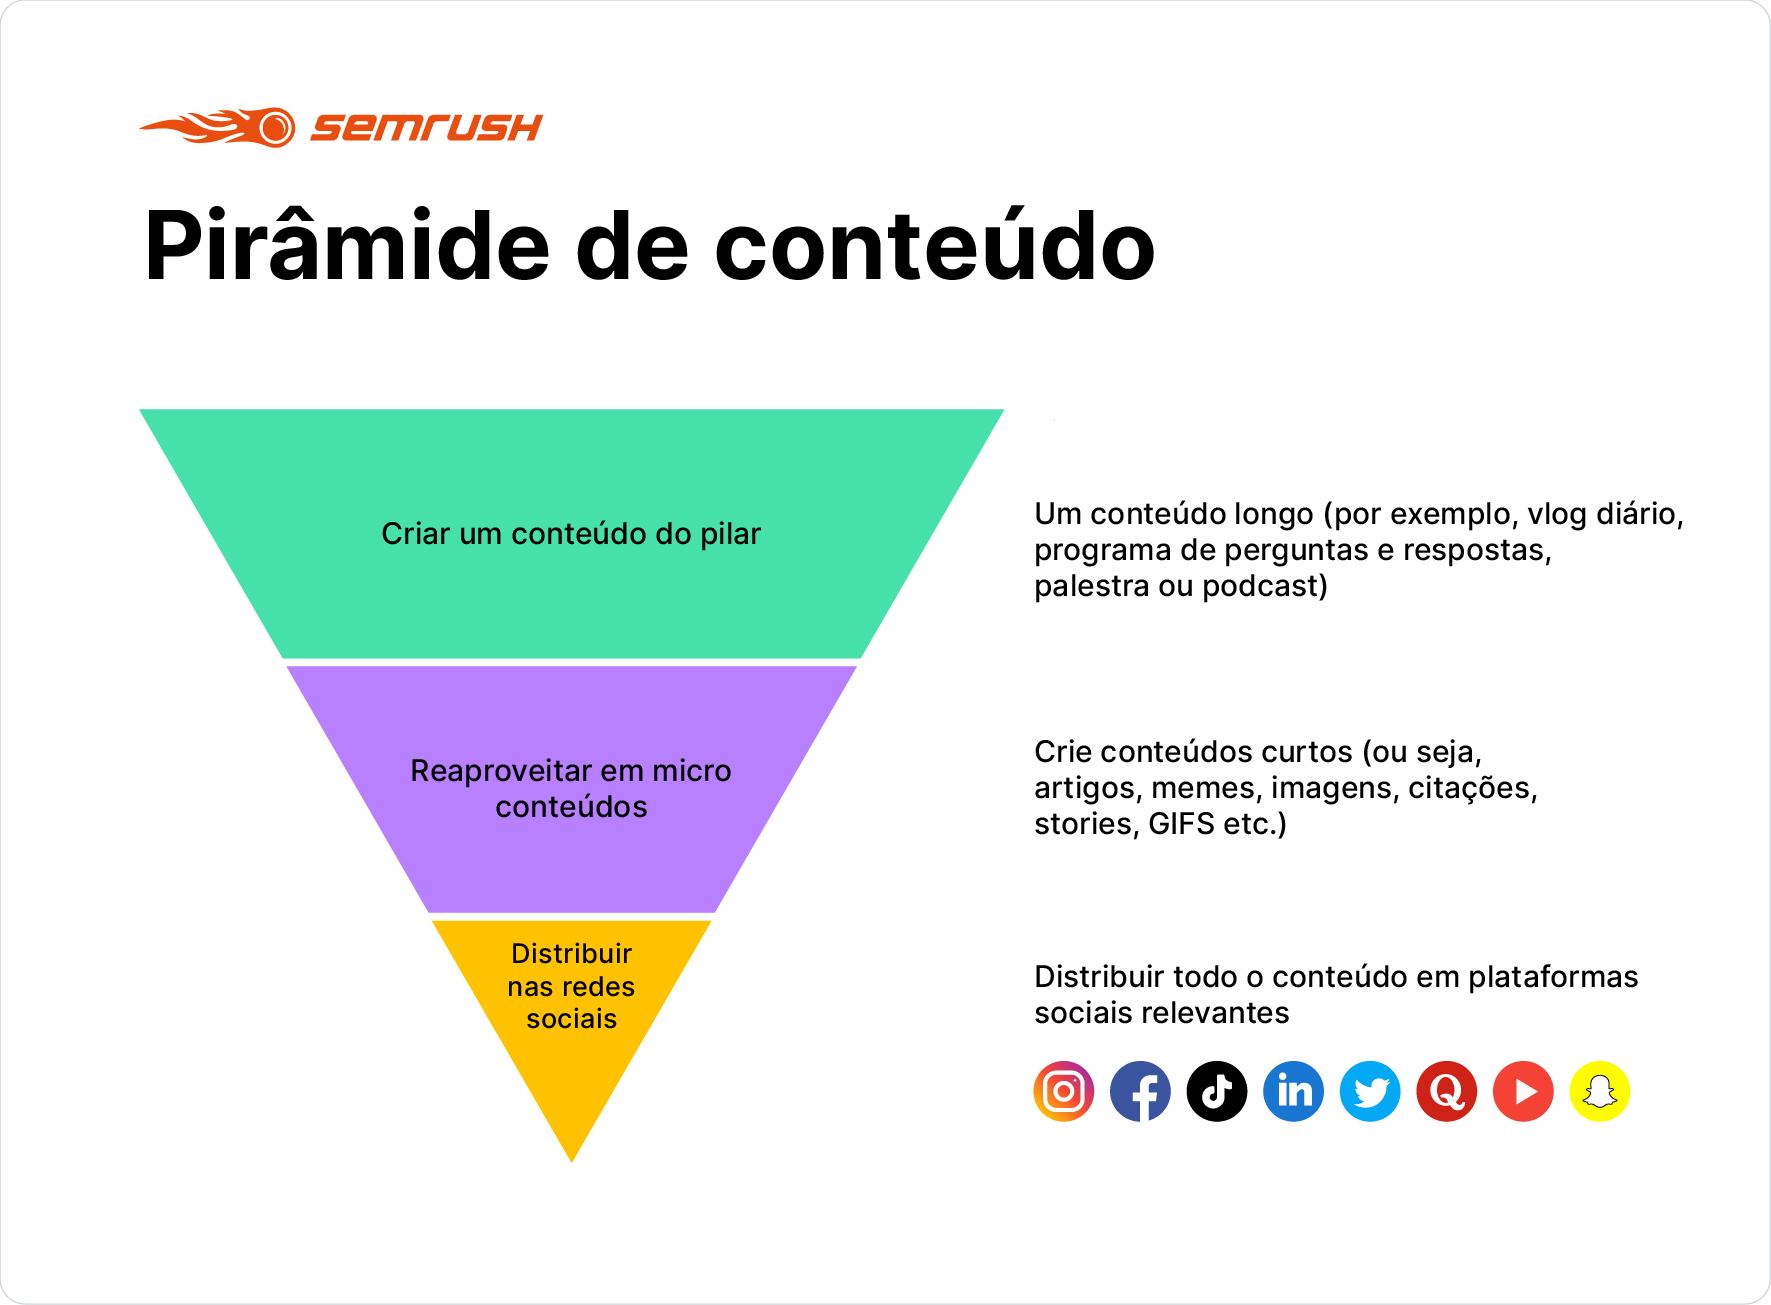 Piramide de conteúdo